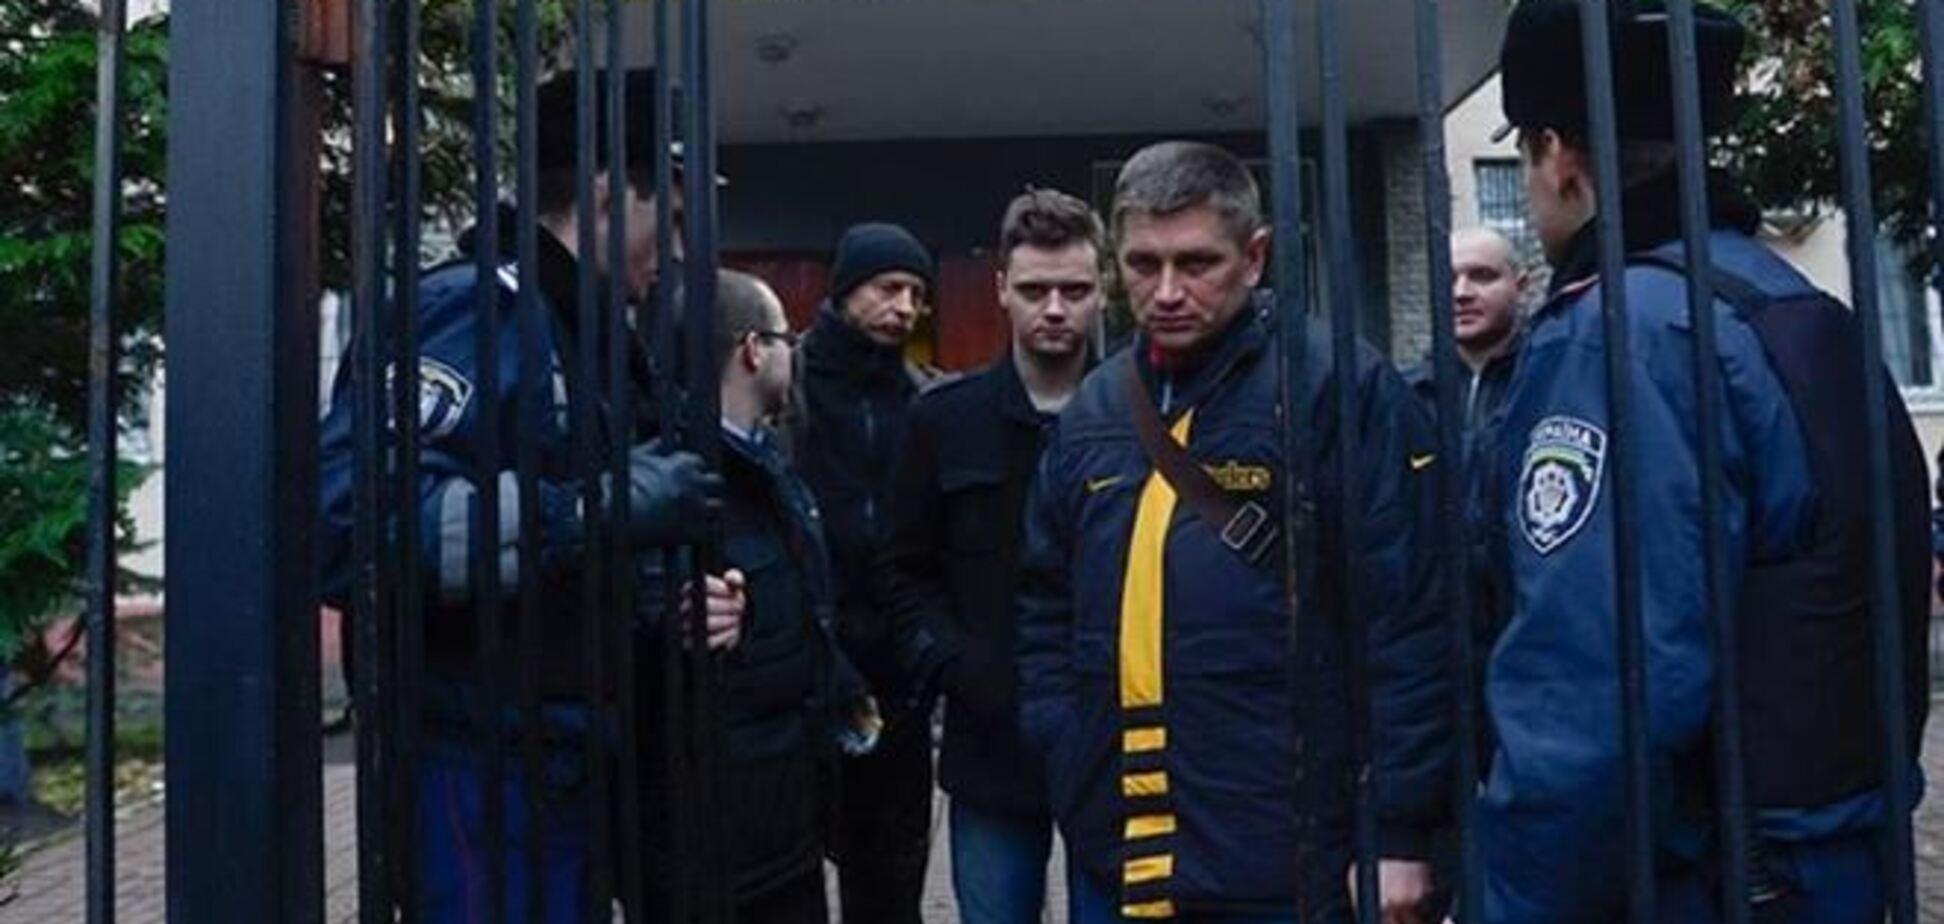 Всех задержанных на Евромайдане отпустили из милиции